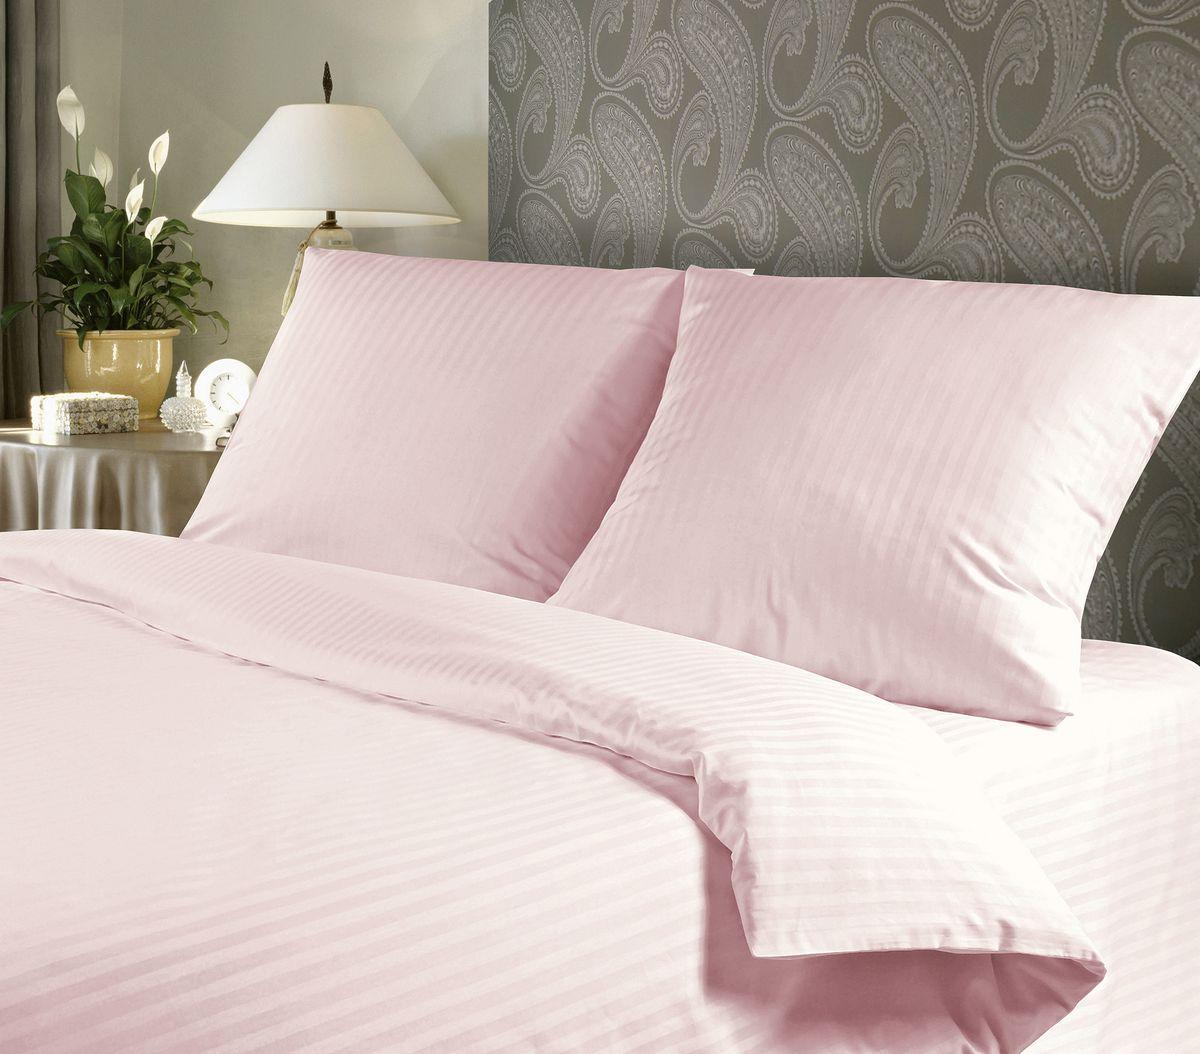 Комплект белья Verossa, 1,5-спальный, наволочки 70х70, цвет: розовый30.07.45.0002Сатин - настоящая роскошь для любителей понежиться в постели. Вас манит его блеск, завораживает гладкость, ласкает мягкость, и каждая минута с ним - истинное наслаждение.Тонкая пряжа и атласное переплетение нитей обеспечивают сатину мягкость и деликатность.Легкий блеск сатина делает дизайны живыми и переливающимися.100% хлопок, не электризуется и отлично пропускает воздух, ткань дышит.Легко стирается и практически не требует глажения.Не линяет, не изменяет вид после многочисленных стирок.